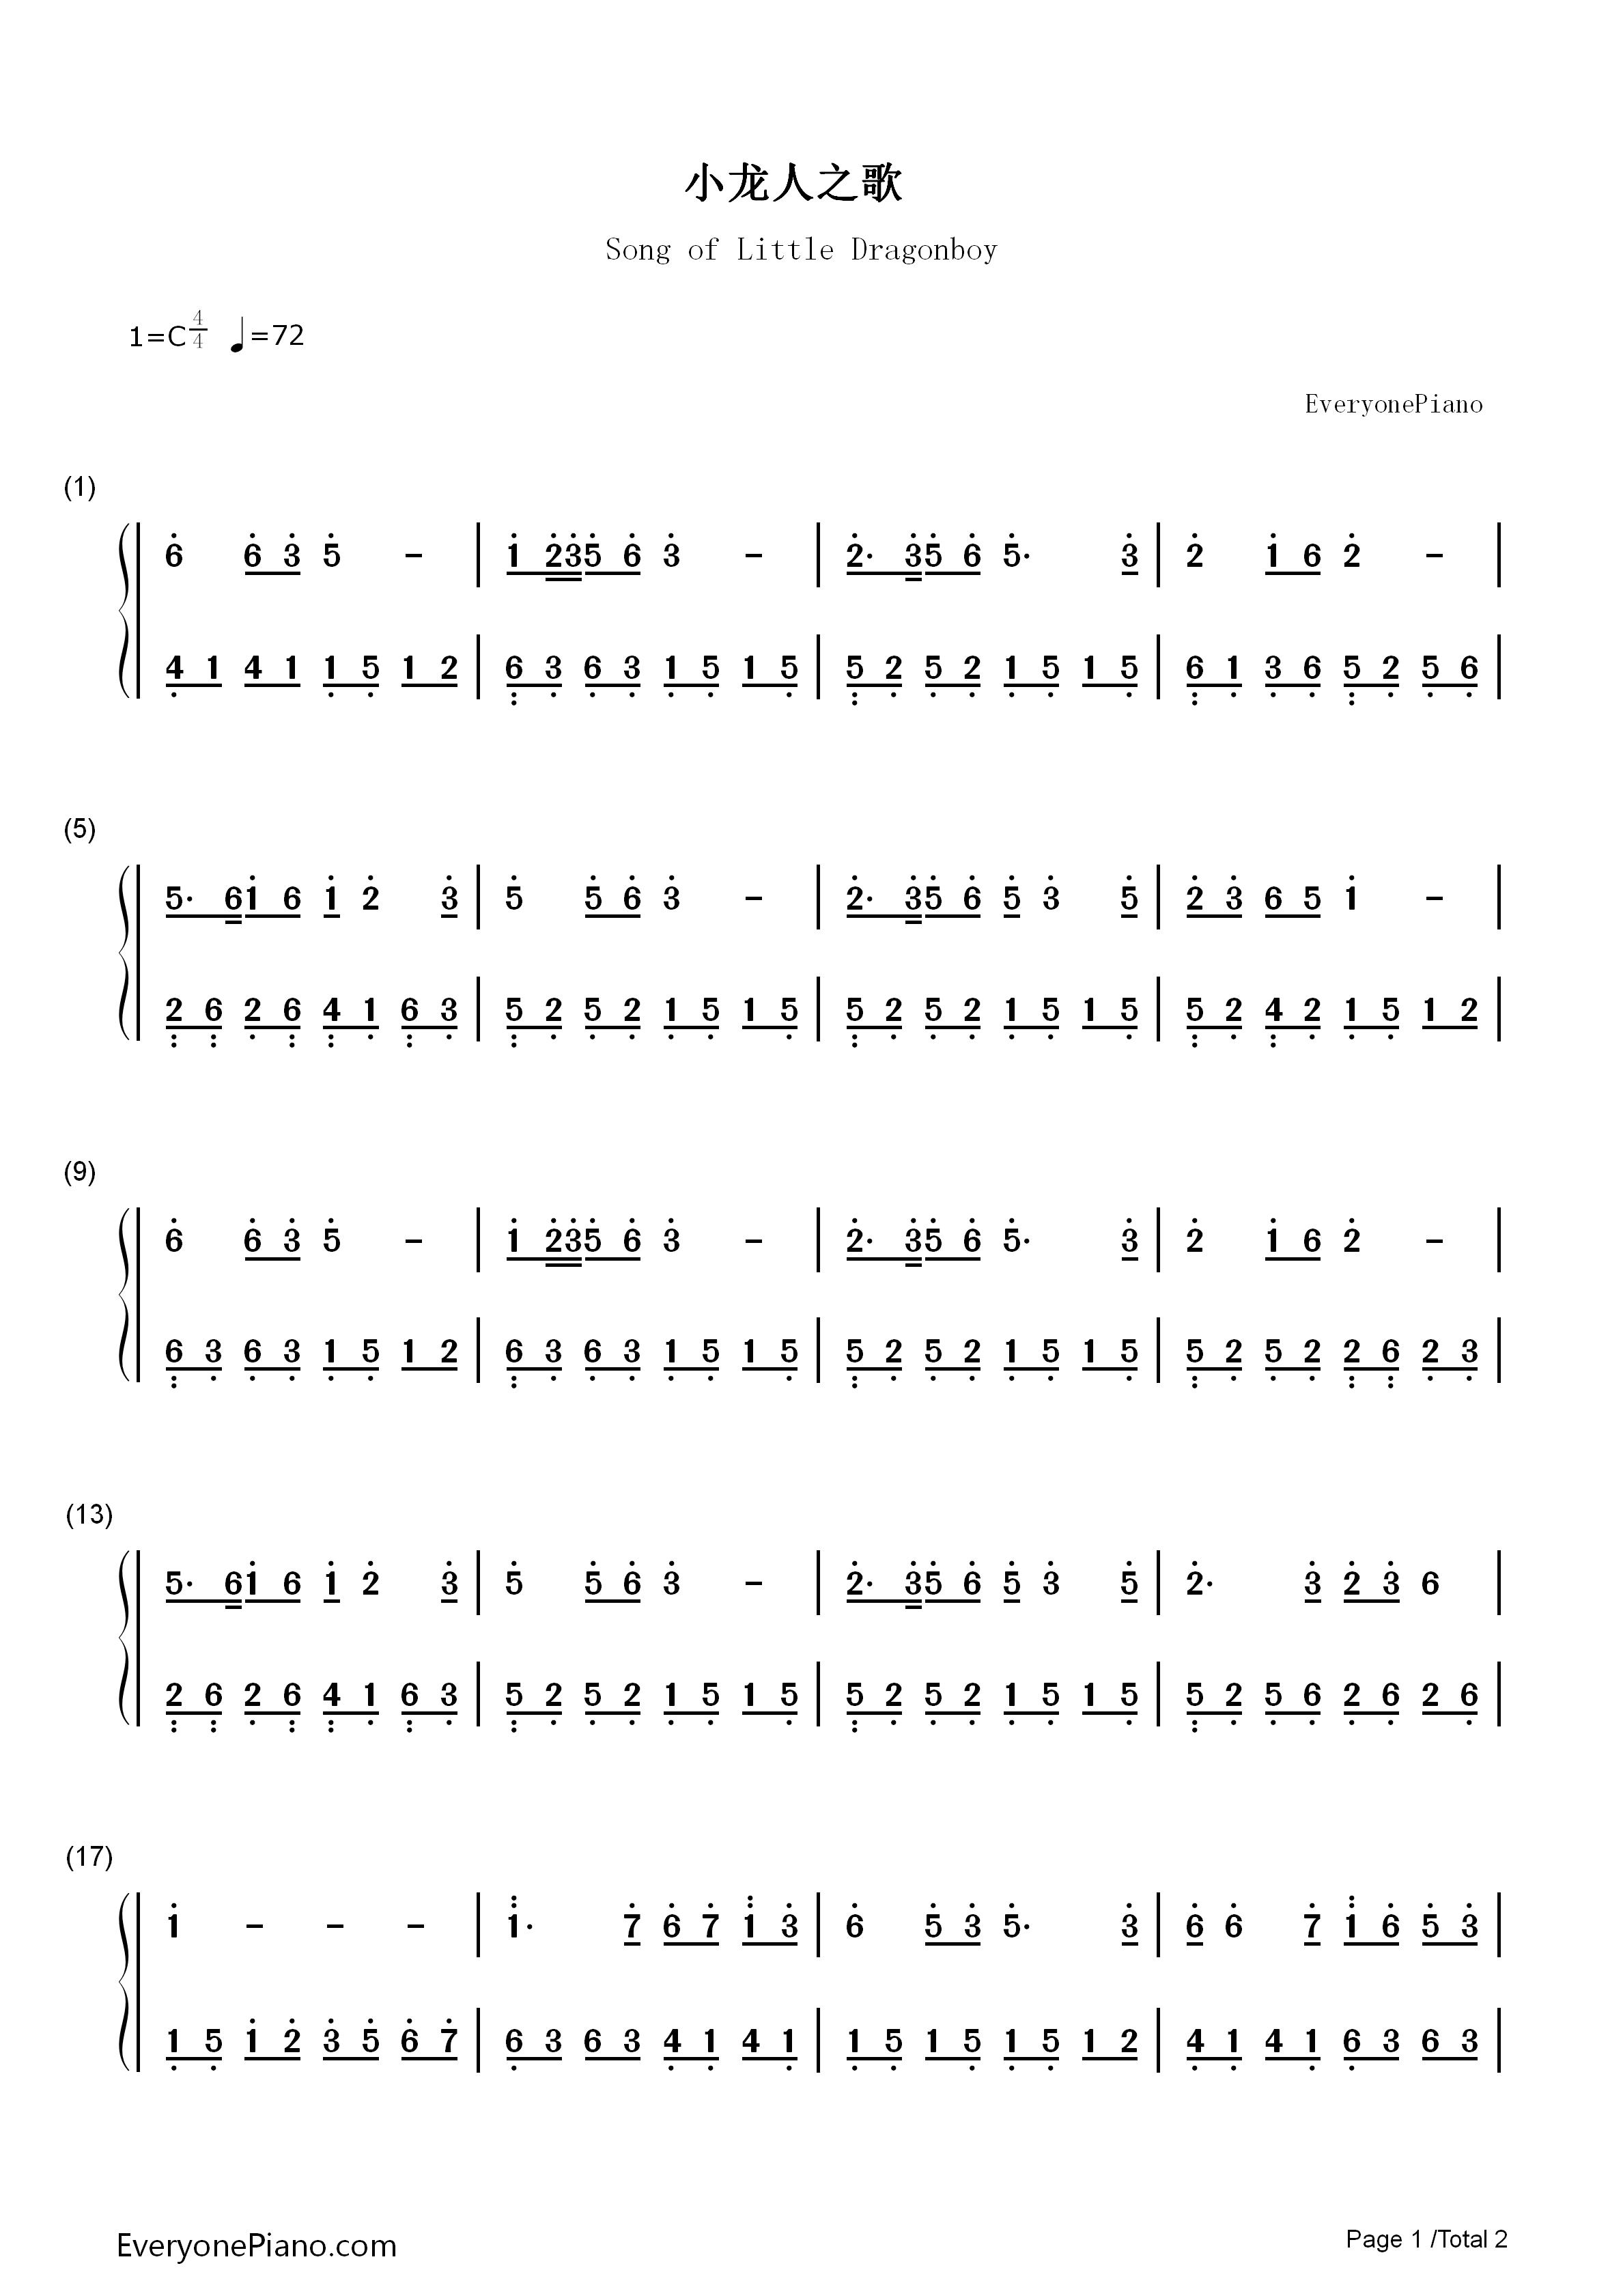 钢琴曲谱 儿歌 小龙人之歌-《小龙人》片头曲 小龙人之歌-《小龙人》